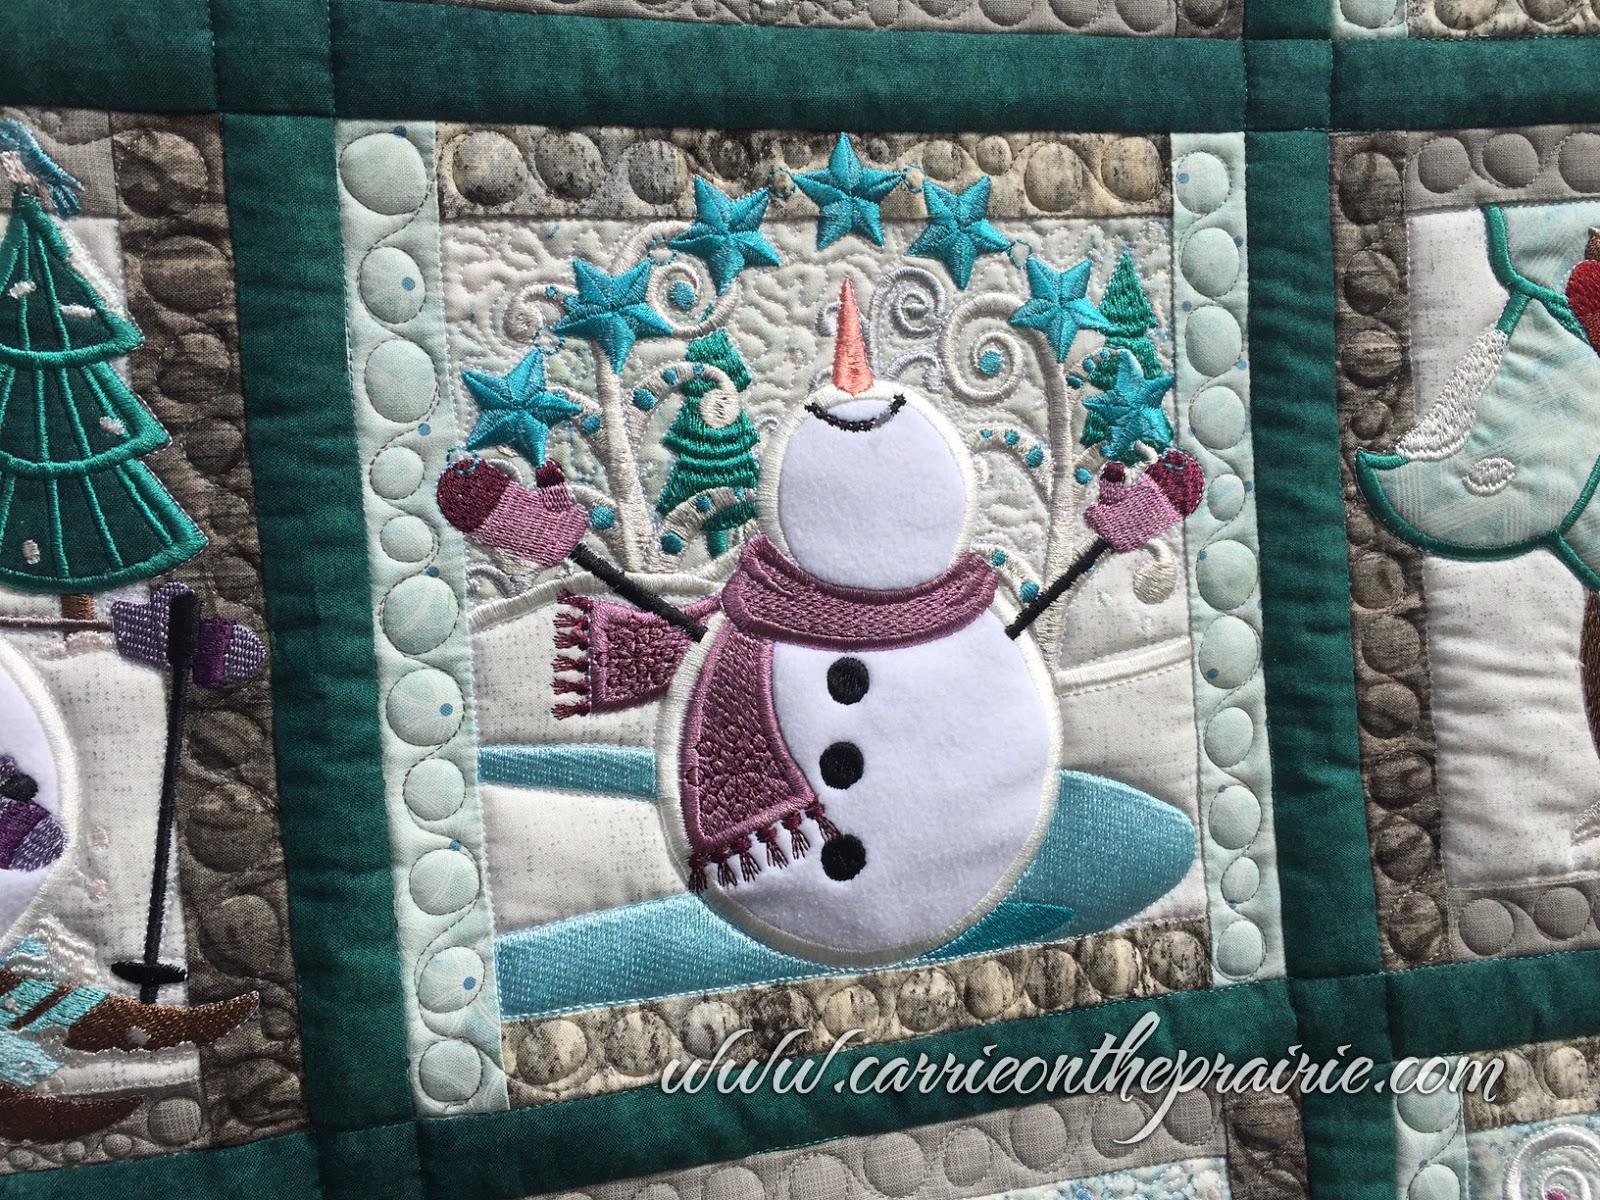 Carrie On The Prairie Lindas Snowman Quilt